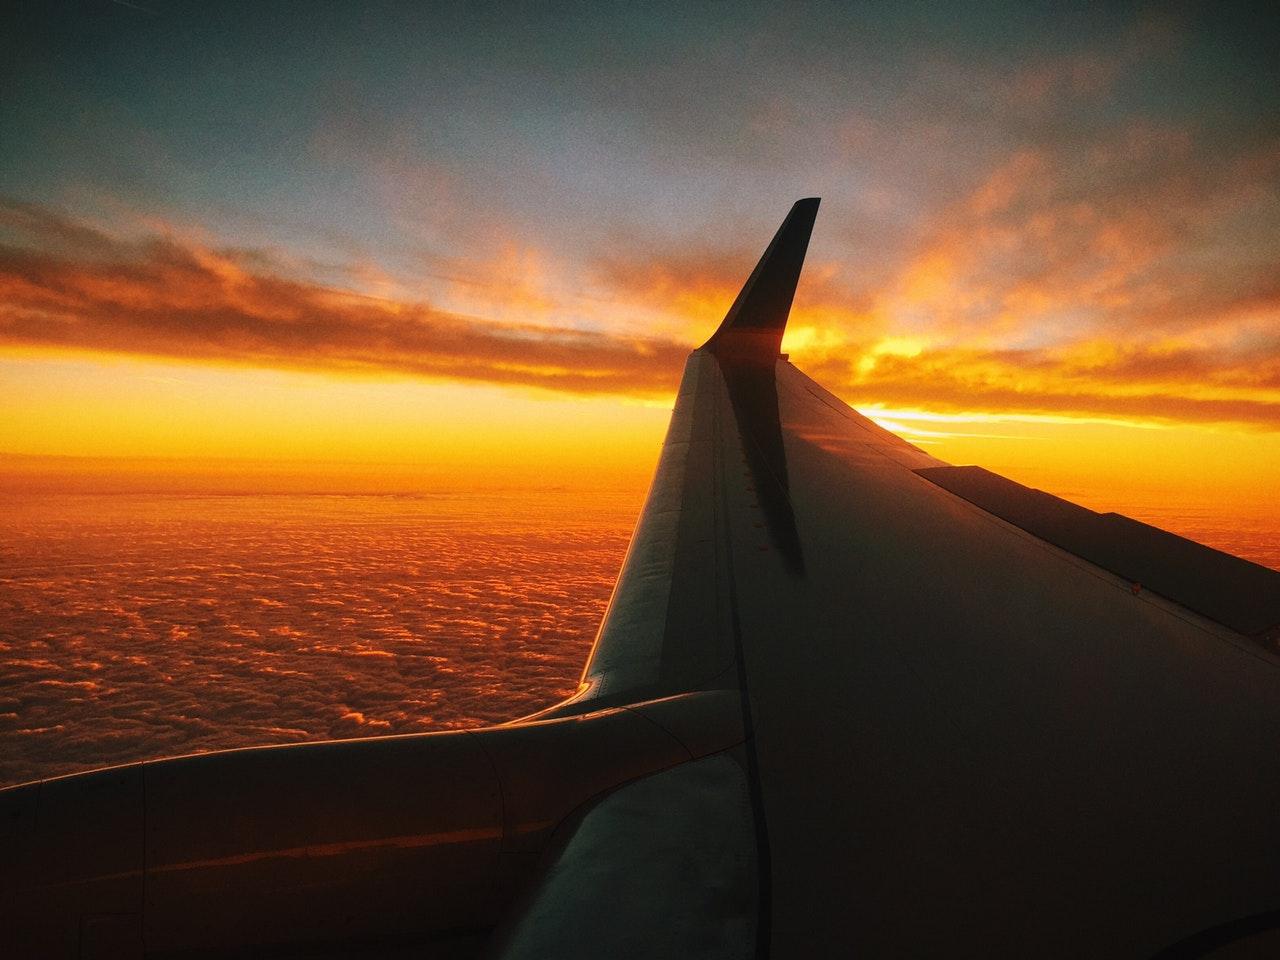 Wie kann man Angst von der Flugreise handeln?